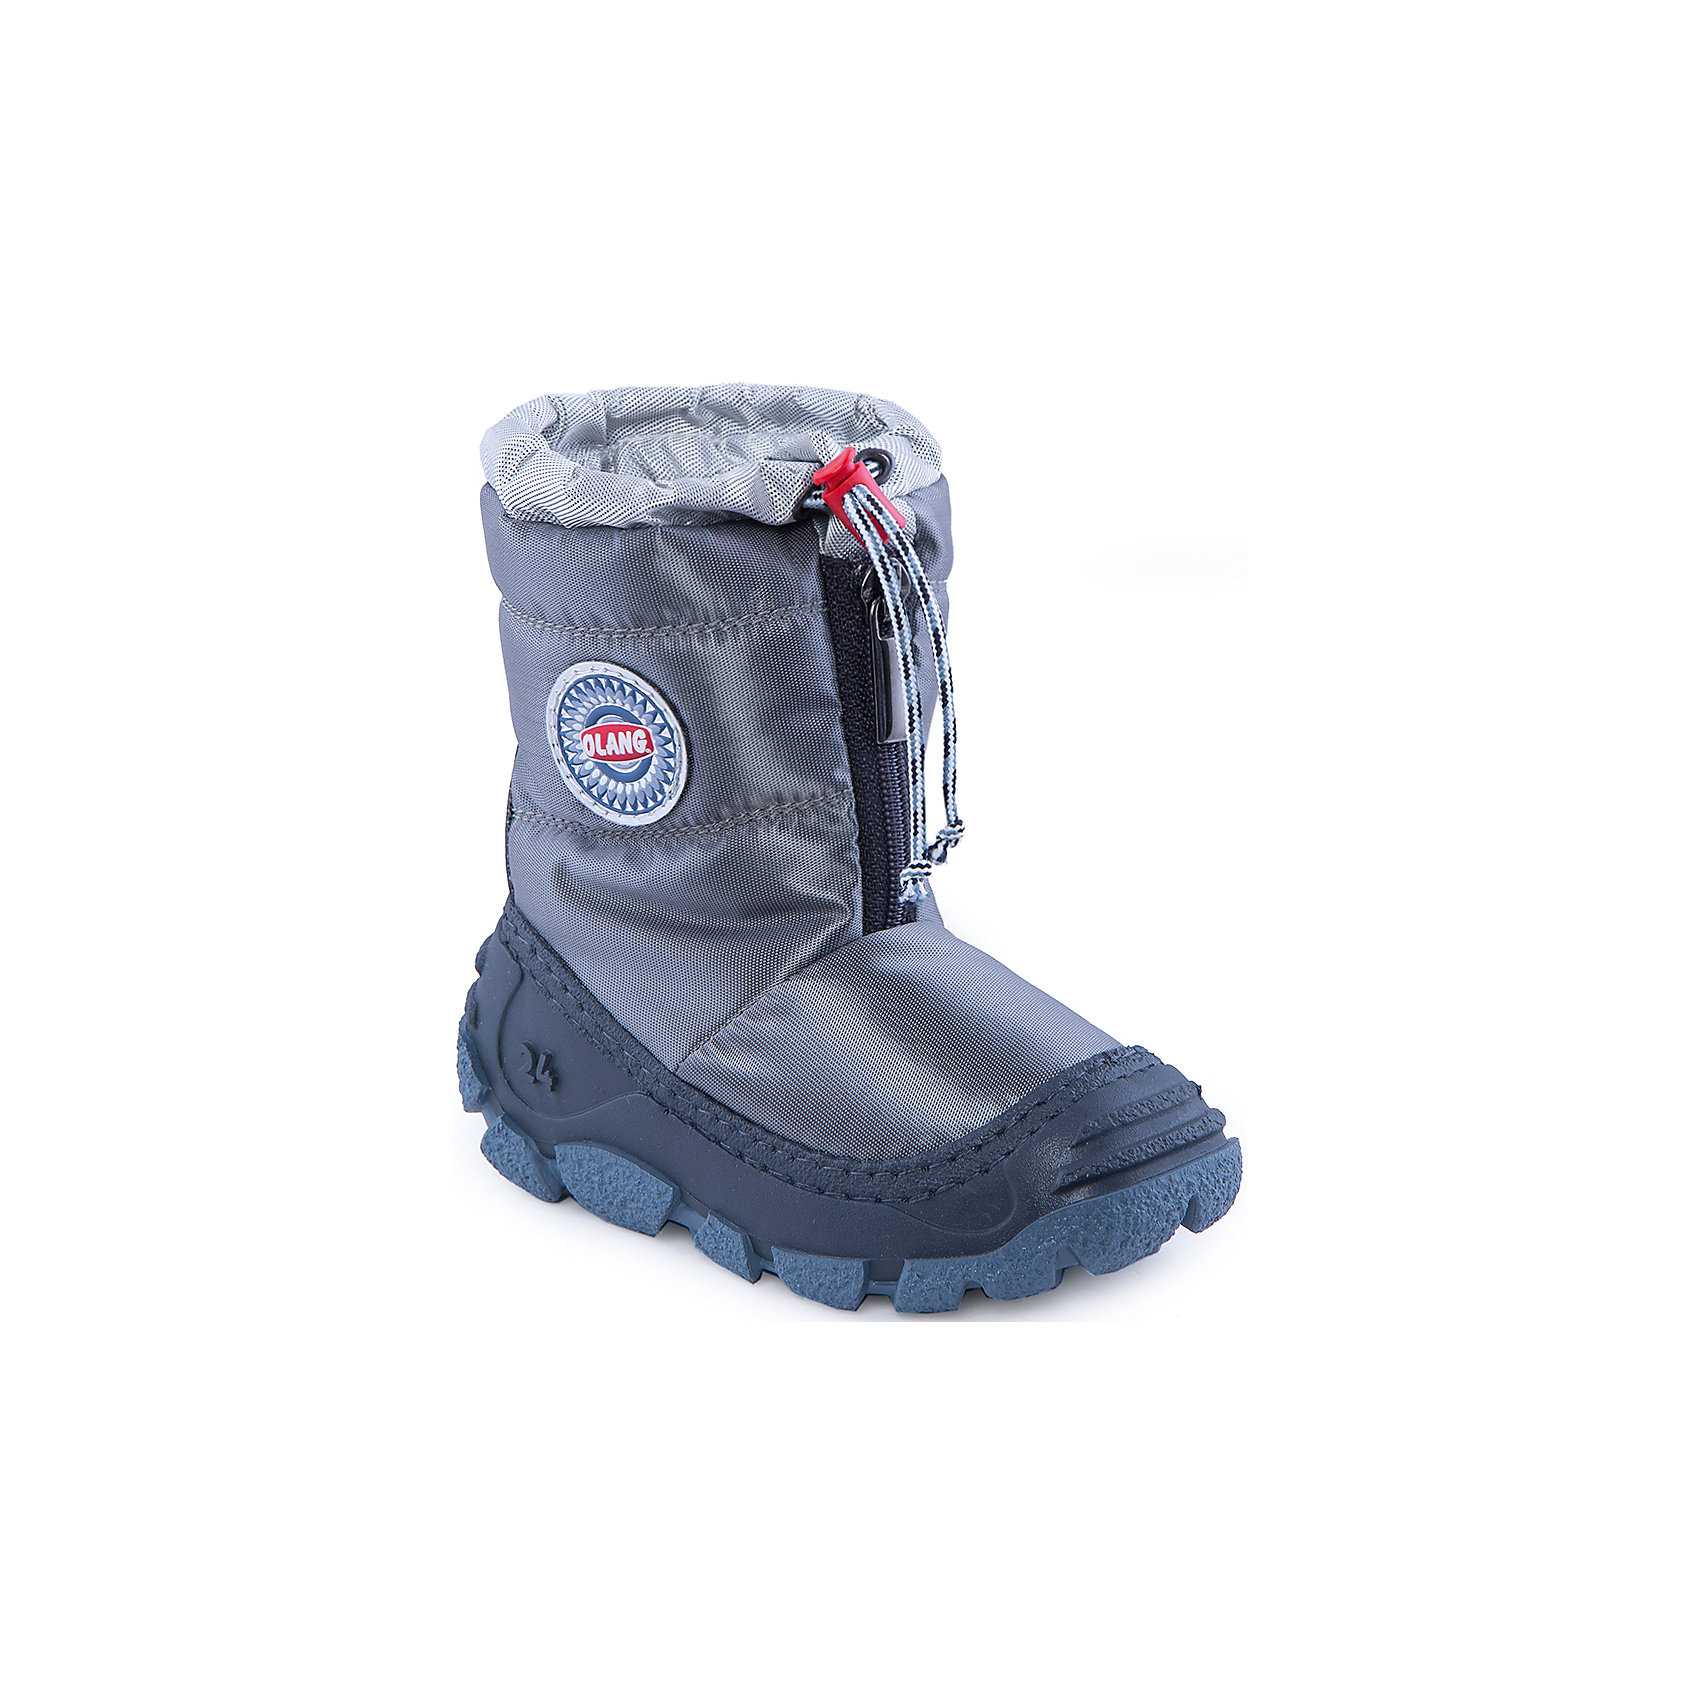 Сапоги для мальчика OlangНачните холодный сезон вместе с Olang! Сапоги цвета металлик будут радовать ребенка и защищать его ноги от влаги и холода. А специальная застежка-фиксатор в верхней части обуви предотвращает попадание снега и воды внутрь.<br>Состав: <br>Материал верха:текстиль<br>Материал подклада: искусственный мех<br><br>Ширина мм: 257<br>Глубина мм: 180<br>Высота мм: 130<br>Вес г: 420<br>Цвет: серый<br>Возраст от месяцев: 18<br>Возраст до месяцев: 21<br>Пол: Мужской<br>Возраст: Детский<br>Размер: 23/24,27/28,29/30,25/26<br>SKU: 4279299